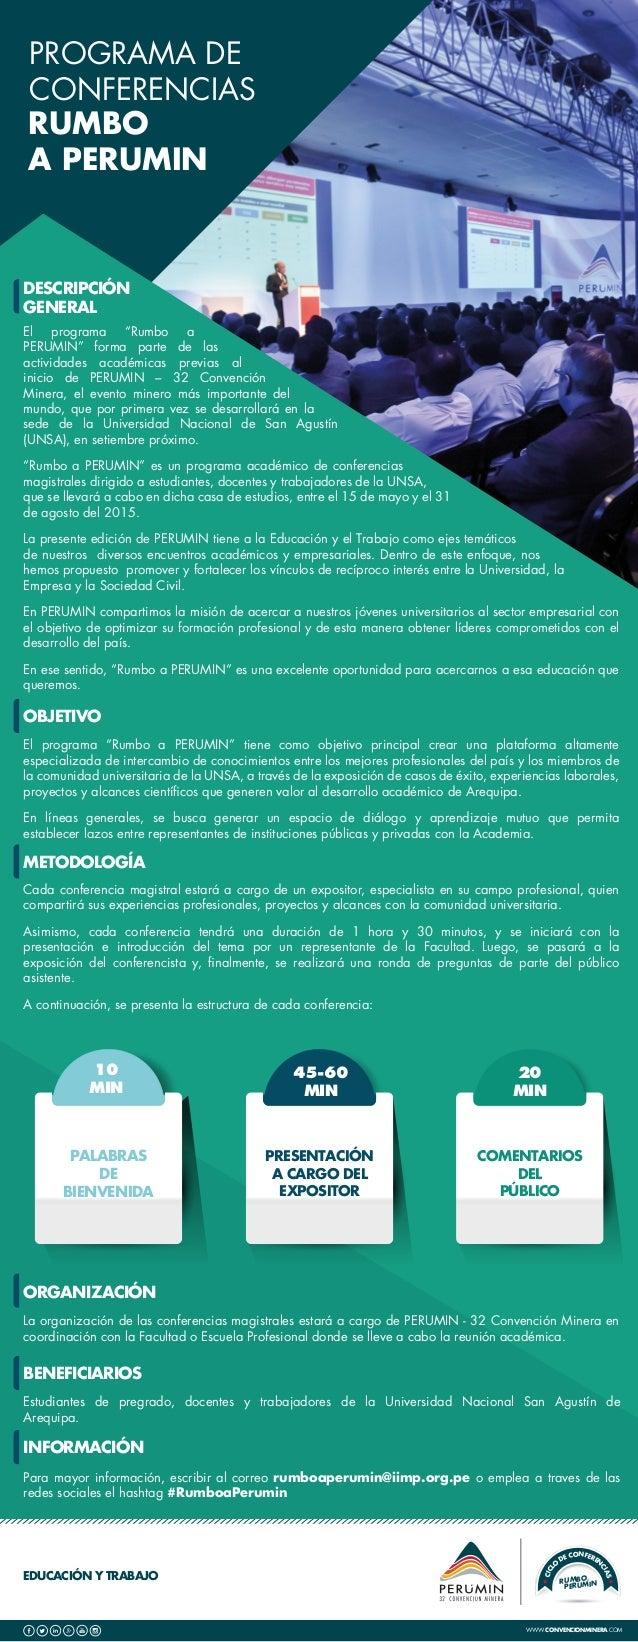 """EDUCACIÓN Y TRABAJO PROGRAMA DE CONFERENCIAS RUMBO A PERUMIN RUMBOA PERUMIN CICL O DE CONFEREN CIAS El programa """"Rumbo a P..."""